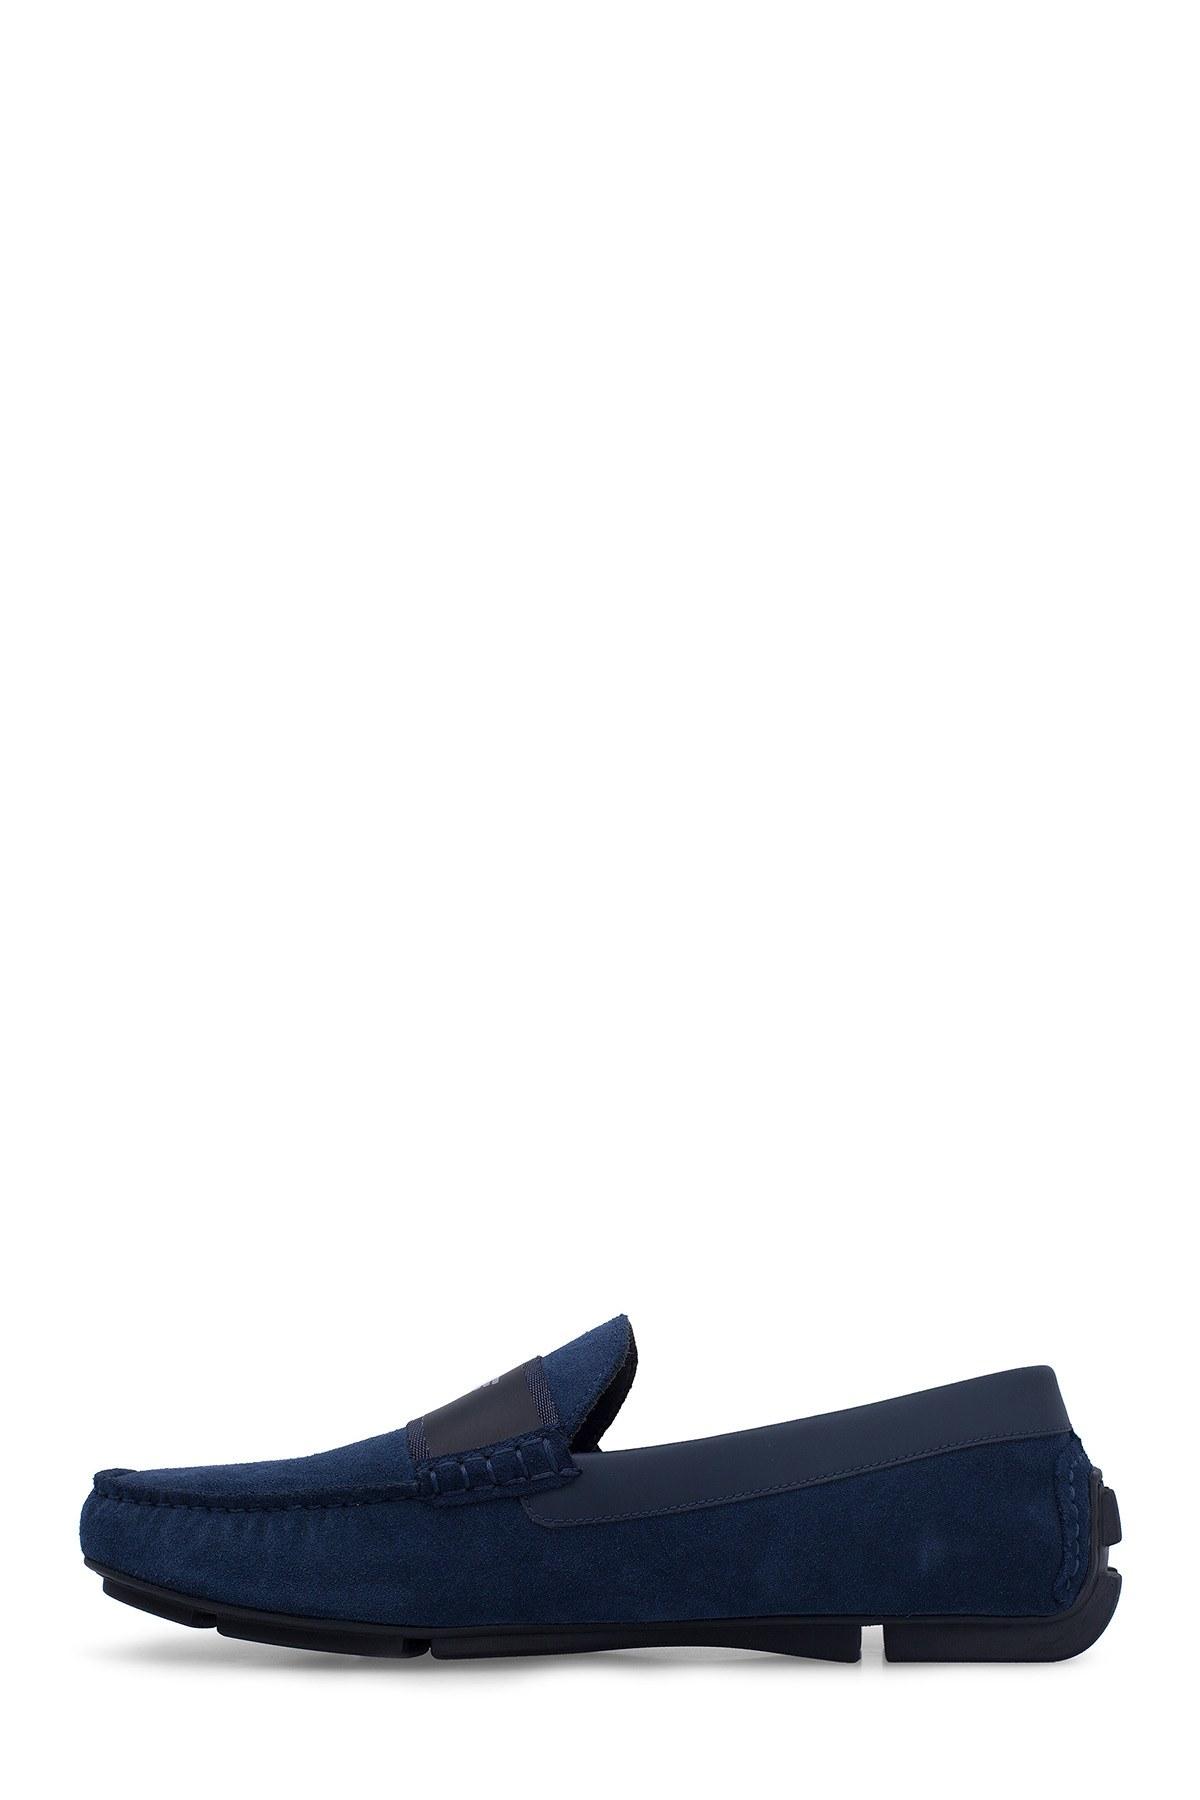 Emporio Armani Erkek Ayakkabı X4B125 XM039 T026 LACİVERT